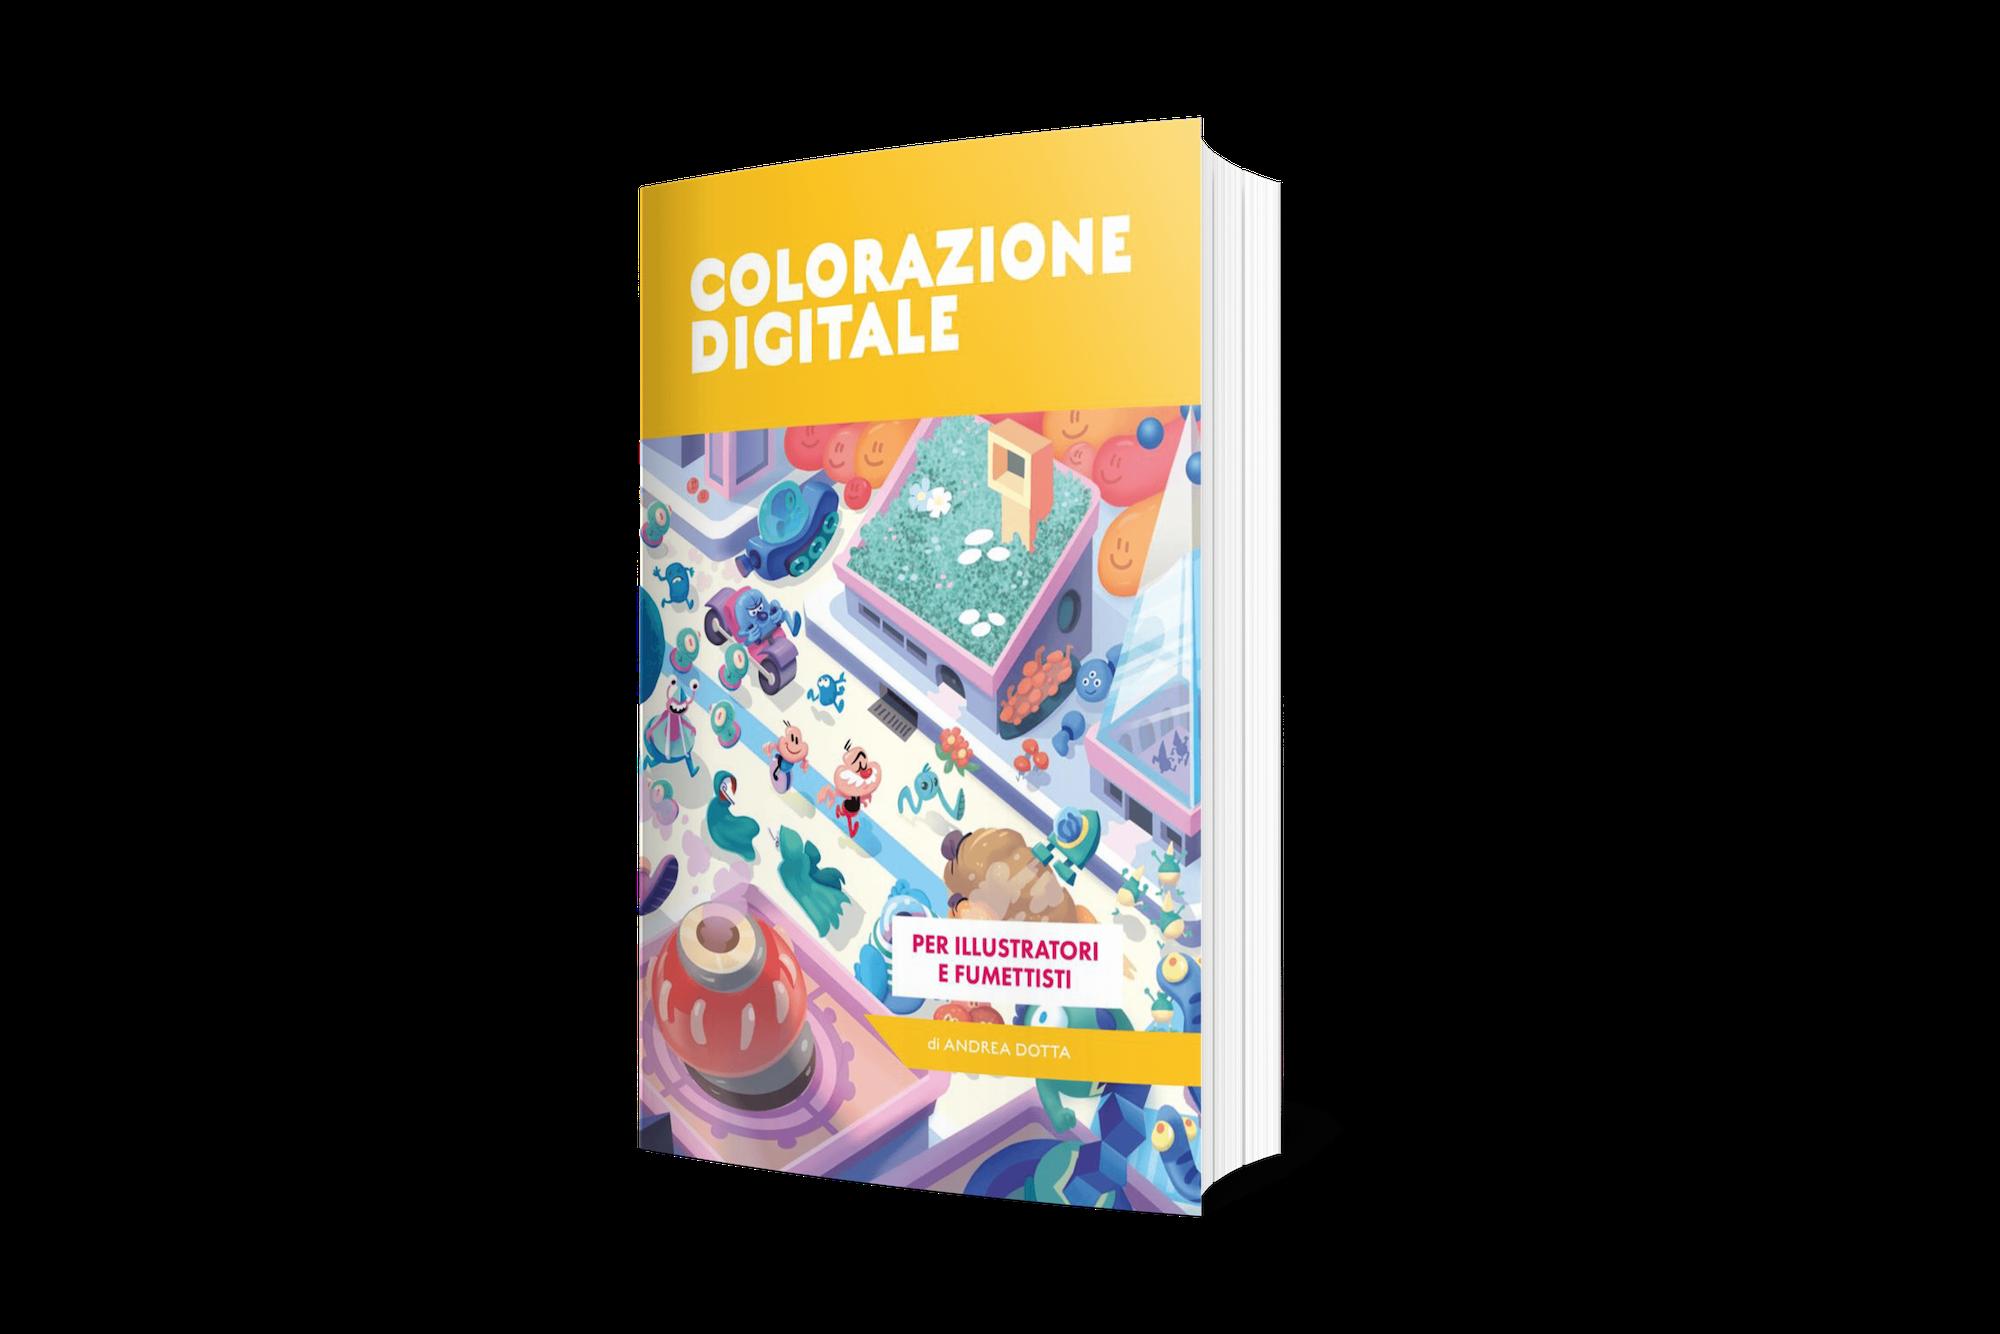 libro colorazione digitale(1)